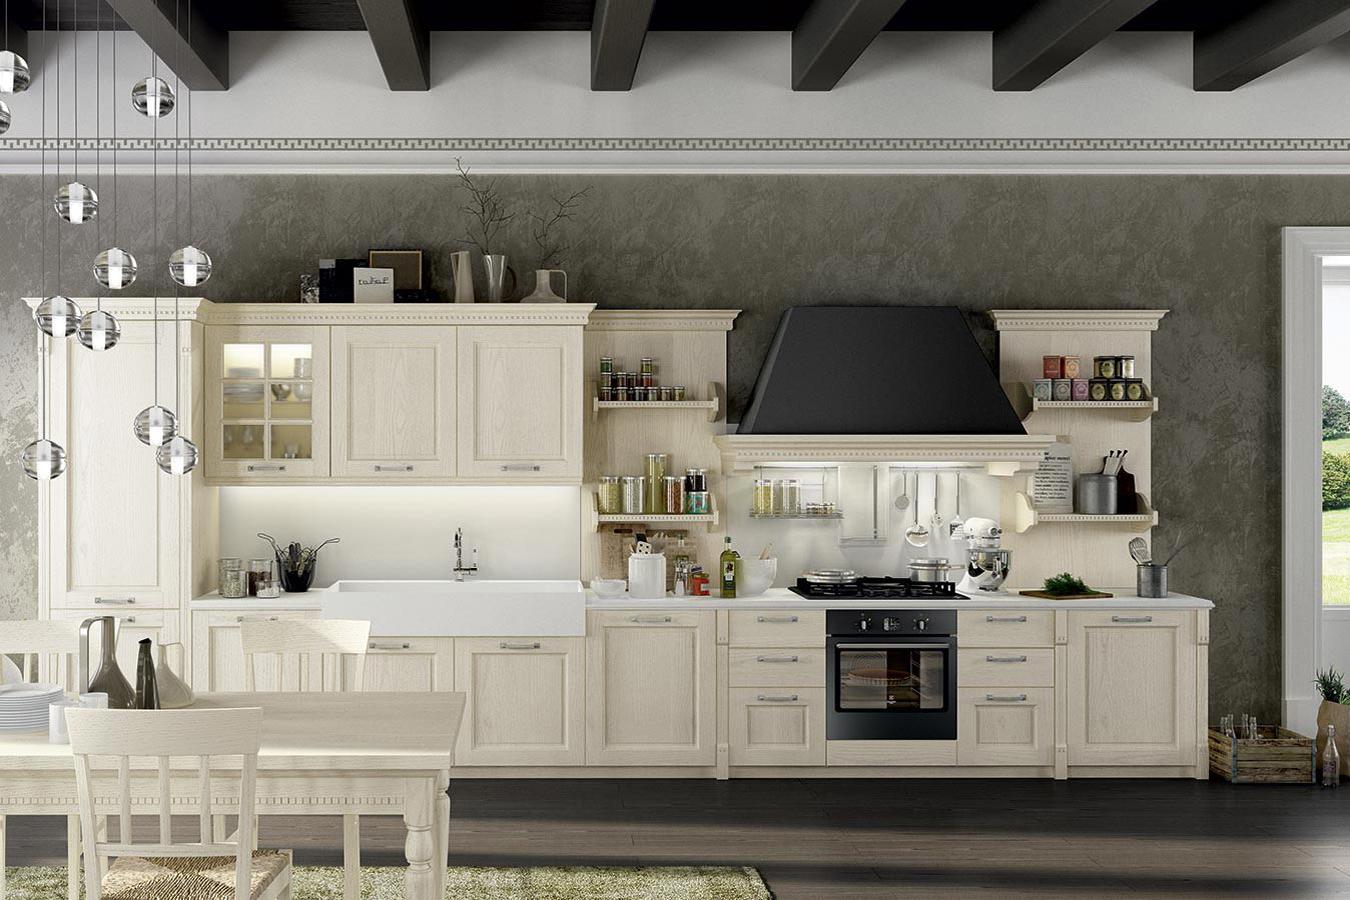 Arredamento Cucine Piemonte.Cucina Classica Virginia Di Arredo3 Righetti Mobili Novara